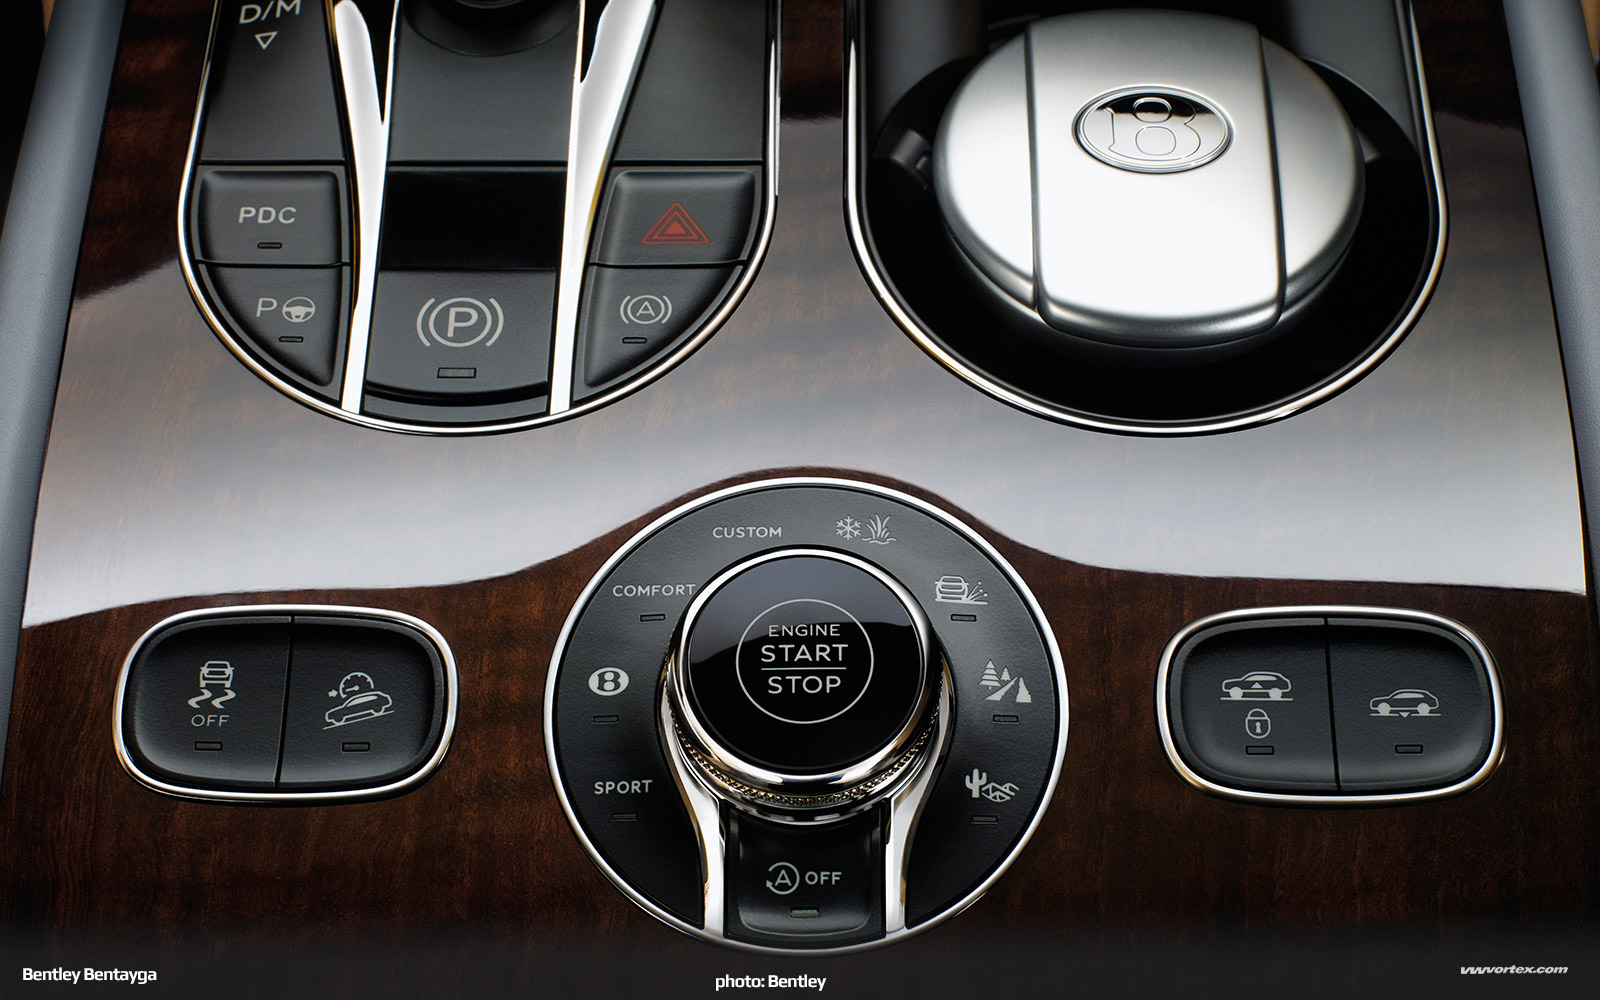 1920x1080 desktop concept cars h tron 600x300 photo